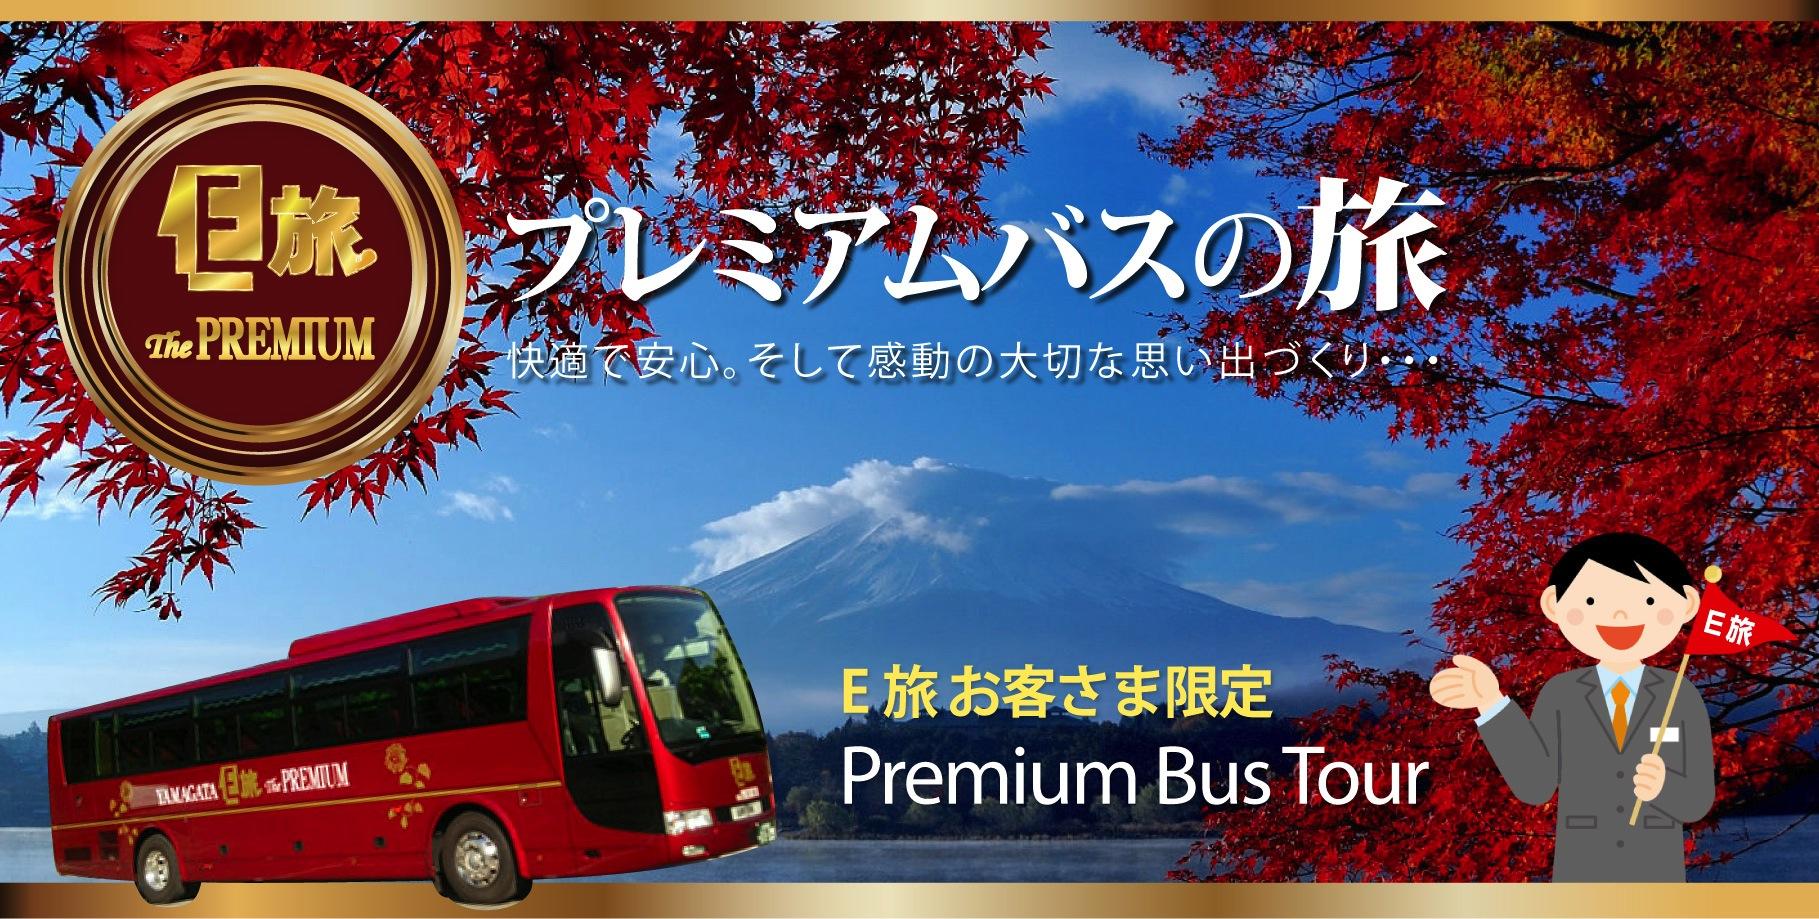 プレミアムバスの旅|快適で安心。そして感動の大切な思い出づくり。